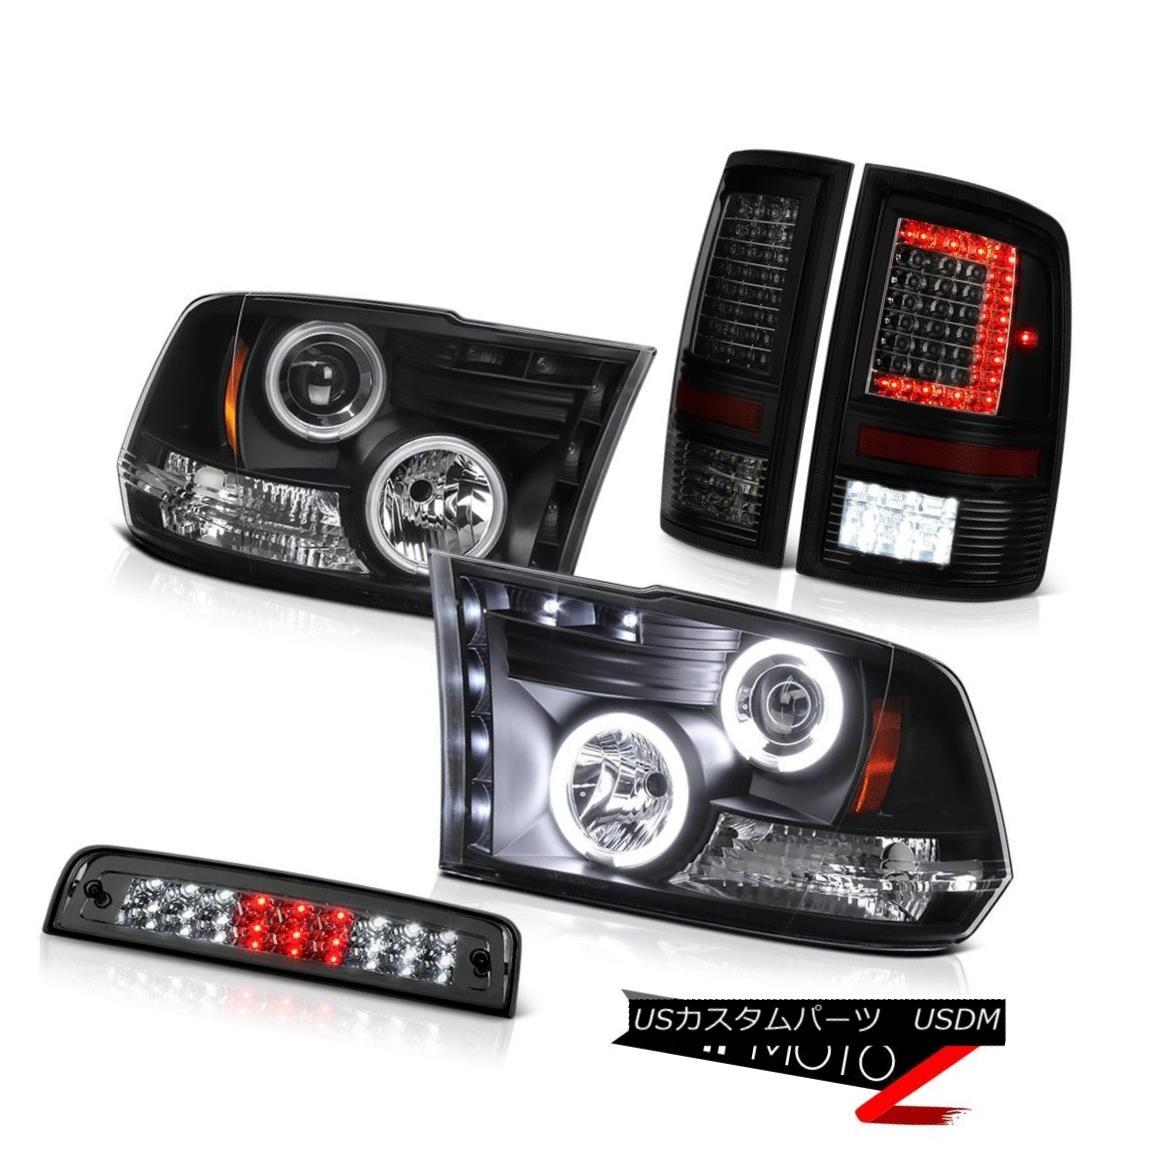 テールライト 09-18 Dodge RAM 1500 3500 Tail Light 3rd Brake Black Head Lamp Assembly SET PAIR 09-18ダッジRAM 1500 3500テールライト第3ブレーキブラックヘッドランプアセンブリSET PAIR